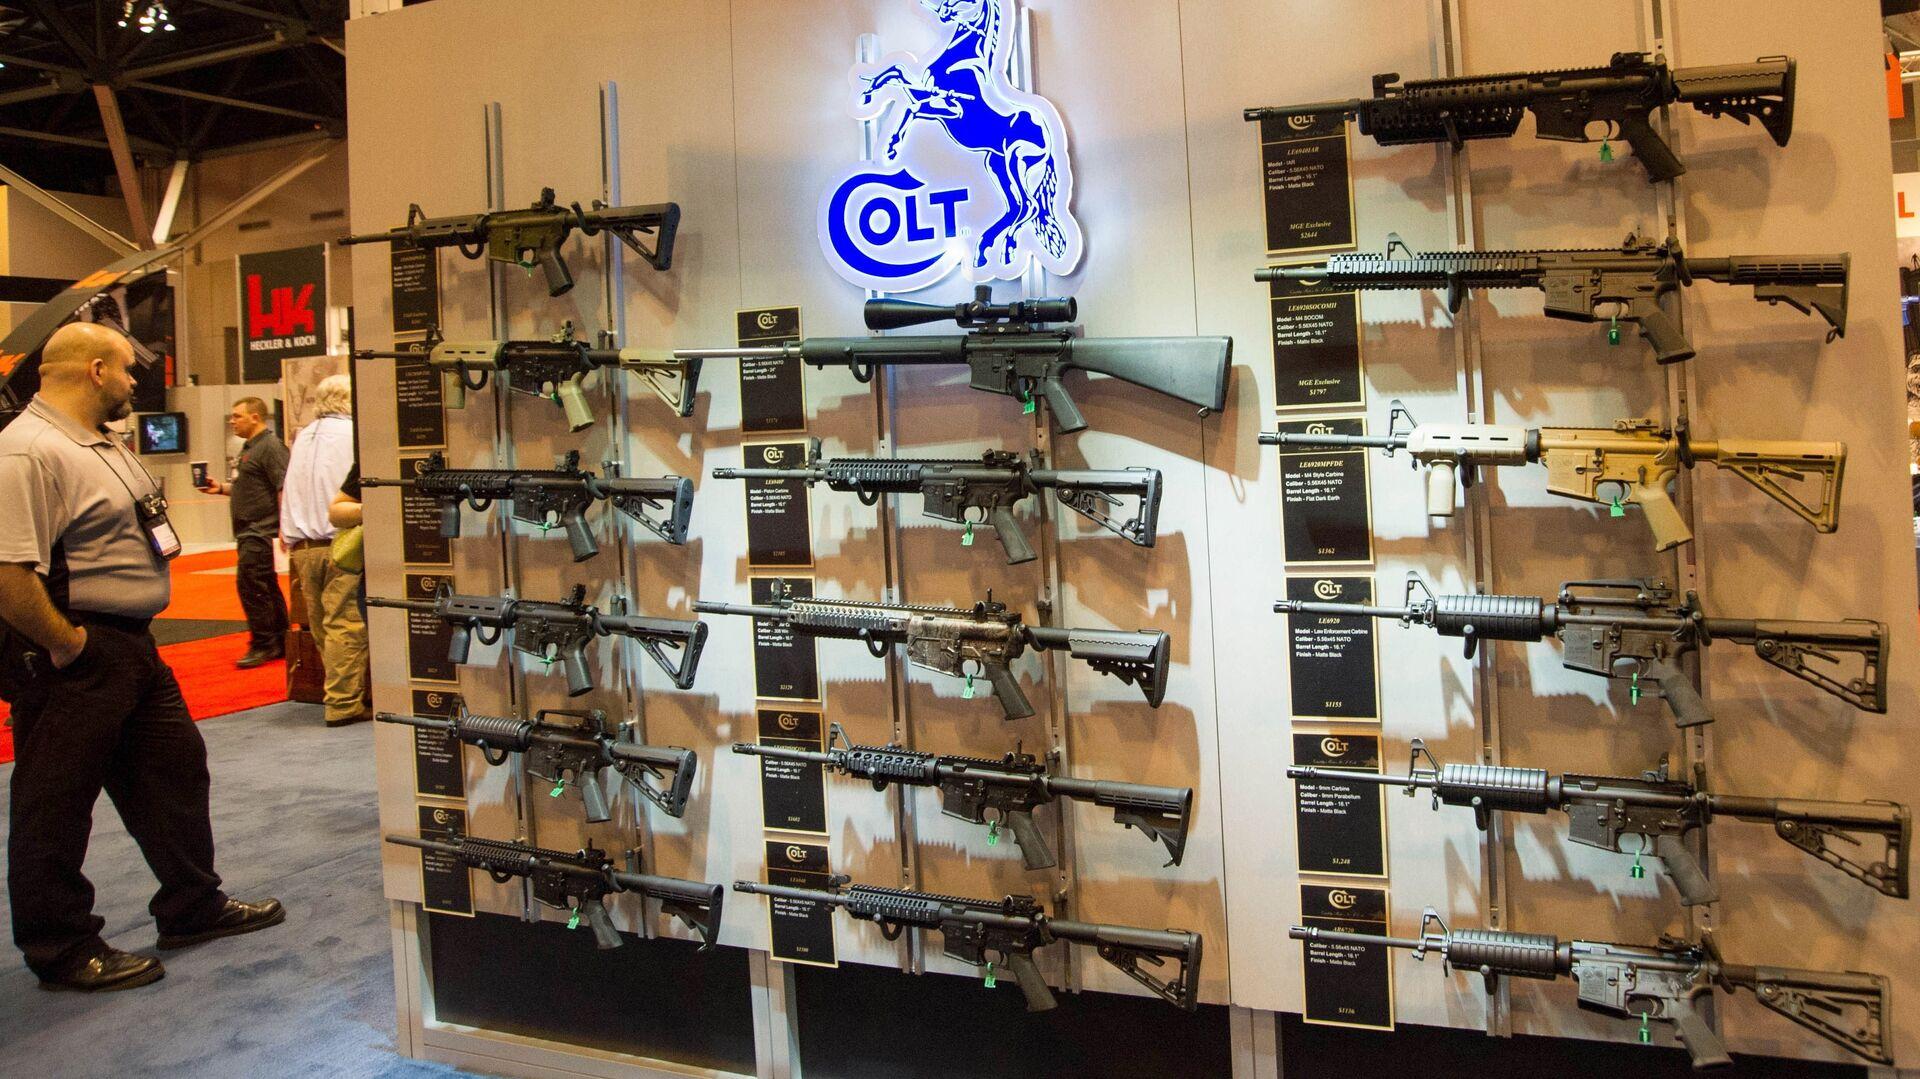 Stánek s karabiny Colt M4 v různých konfiguracích je vystaven na výroční výstavě Národní asociace střelců (NRA) 14. dubna 2012 v St. Louis, Missouri - Sputnik Česká republika, 1920, 24.02.2021